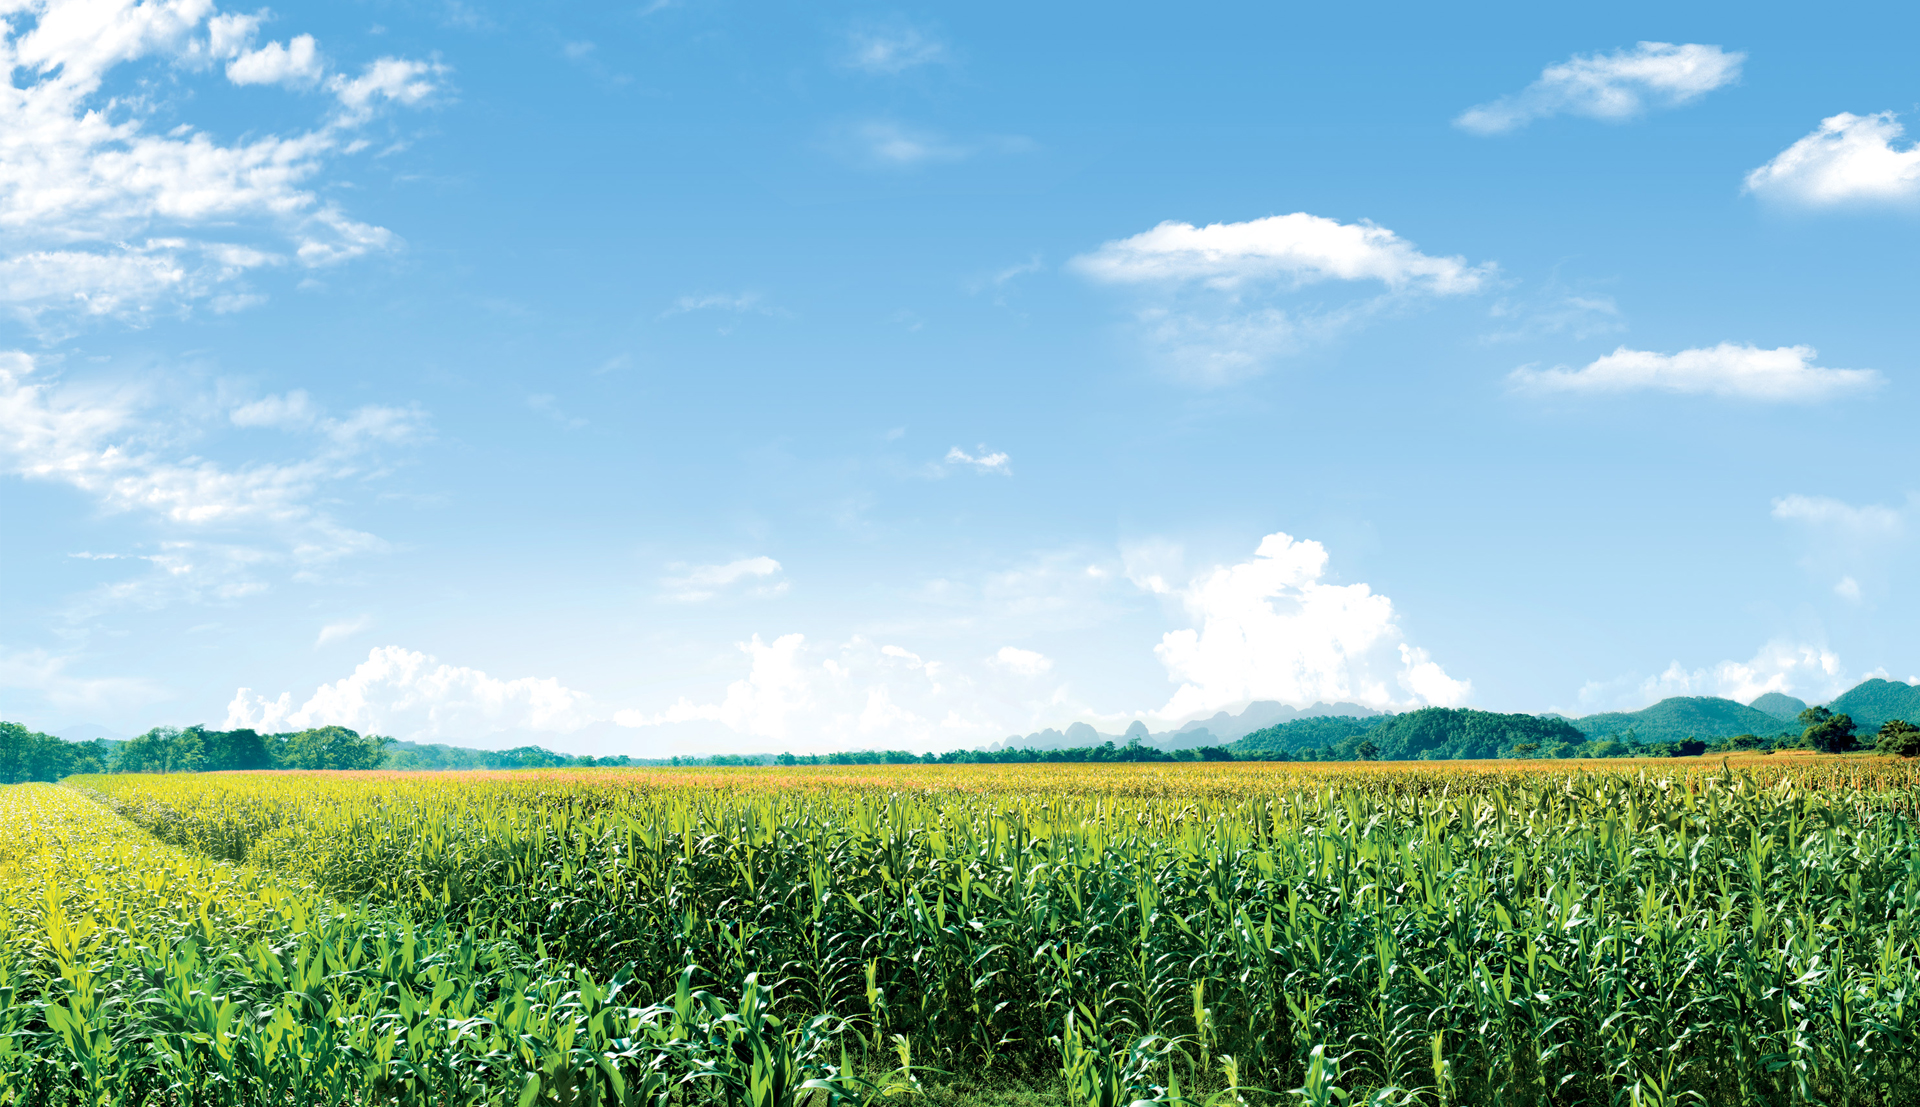 Bài toán đặt hàng của Thủ tướng cho toàn ngành nông nghiệp Việt Nam và lời giải của TH 8